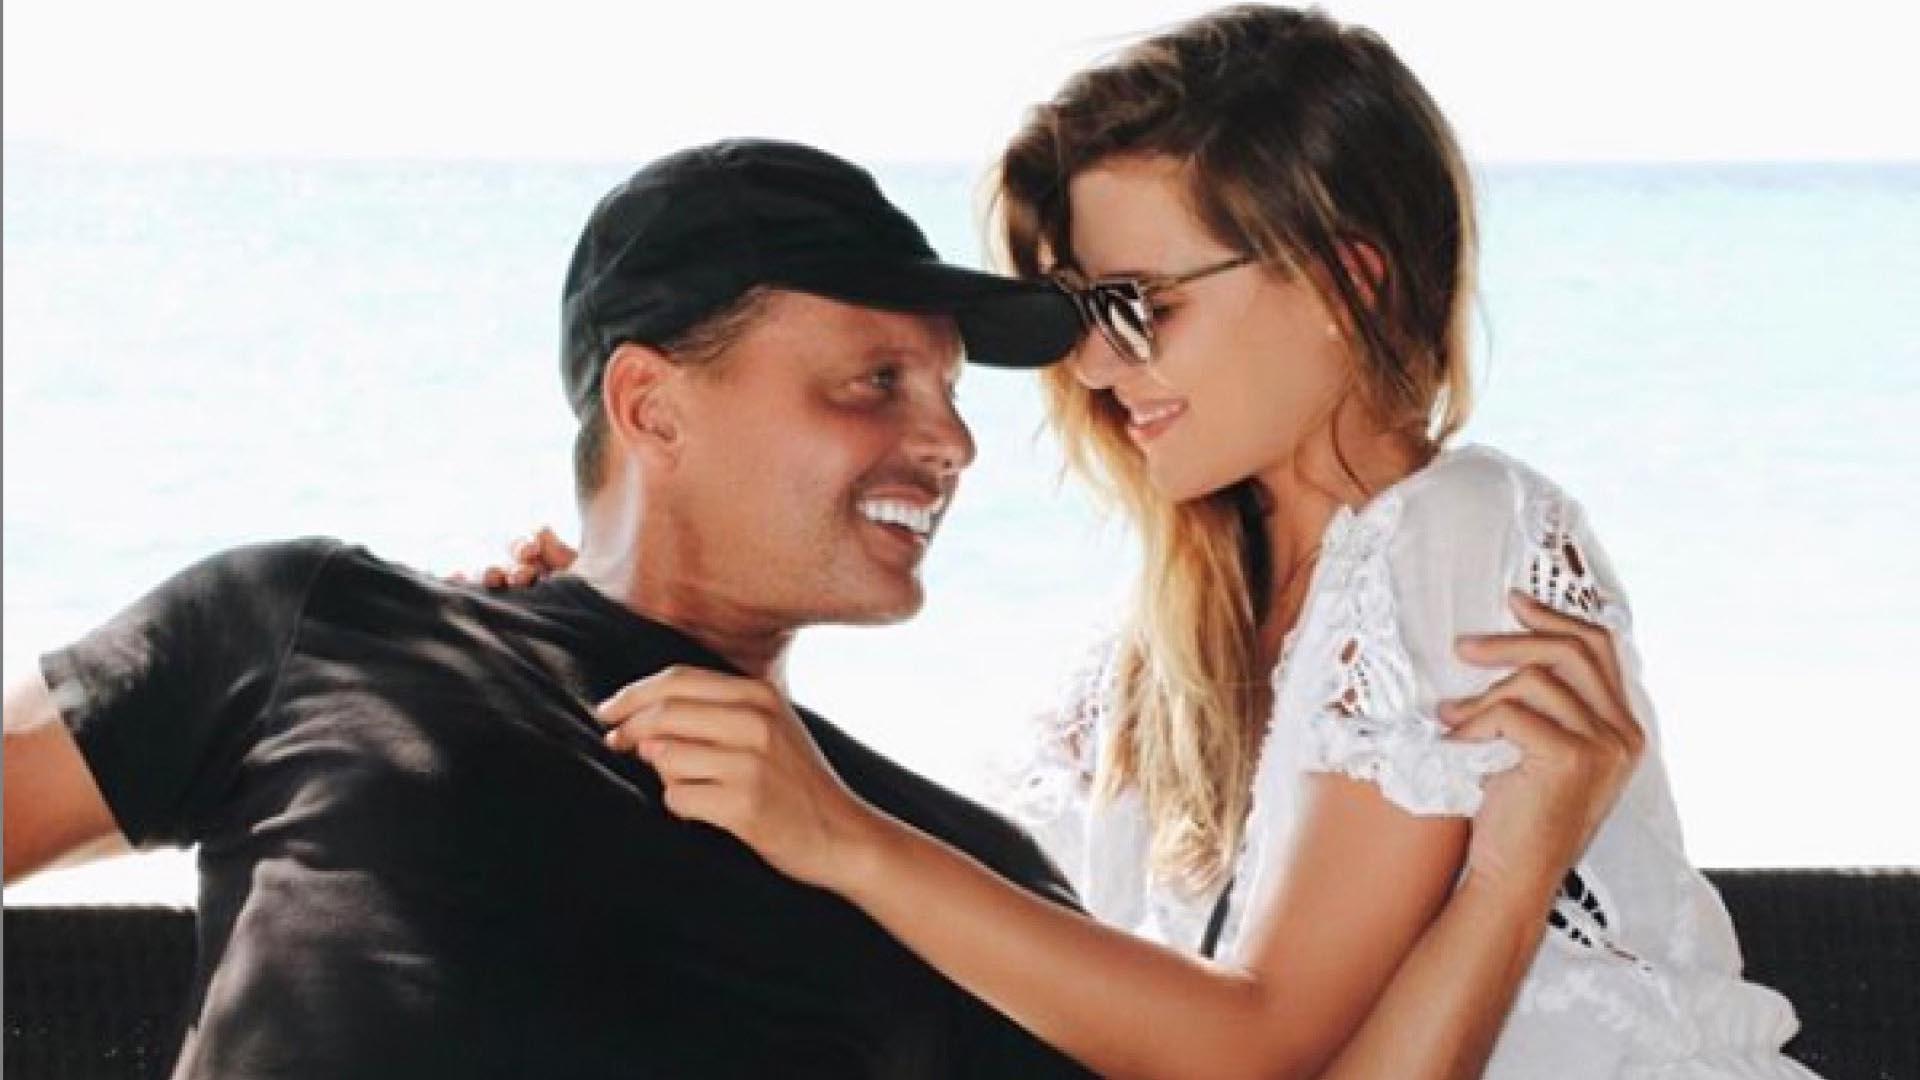 En abril de 2007, Michelle subió esta foto con Luis Miguel a su cuenta de Instagram.